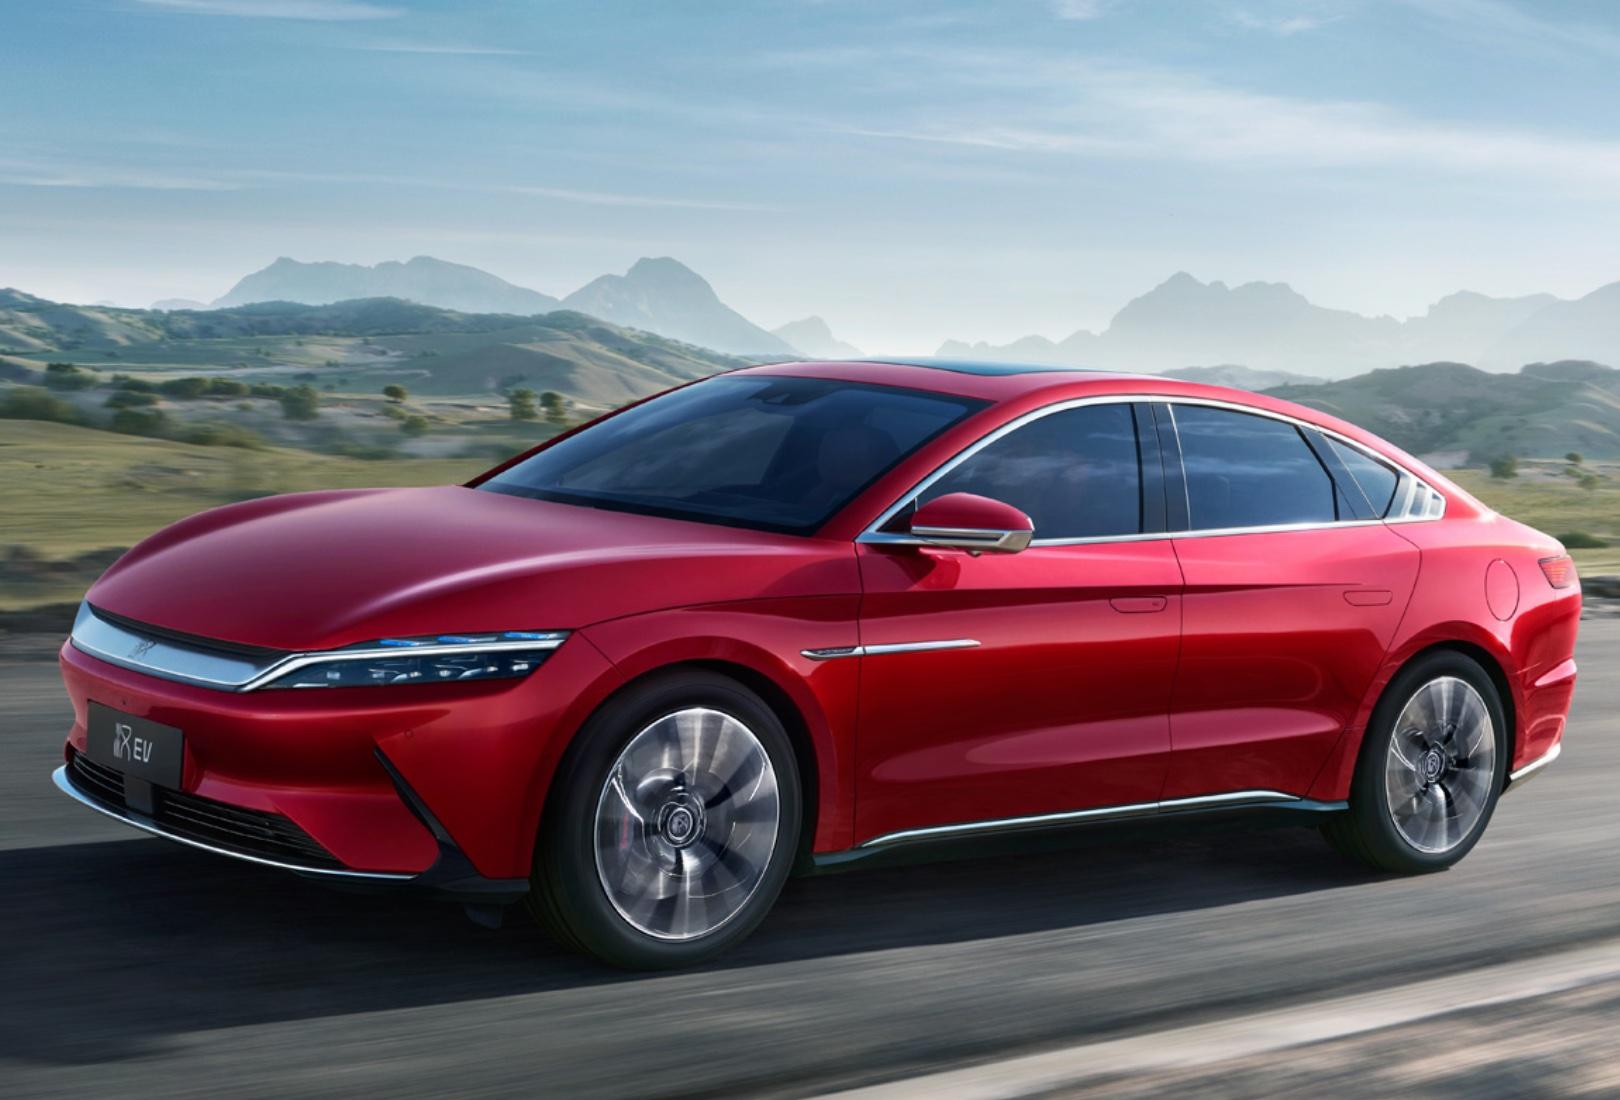 NIO, Li Auto, XPeng, who has the edge over Tesla?-cnTechPost